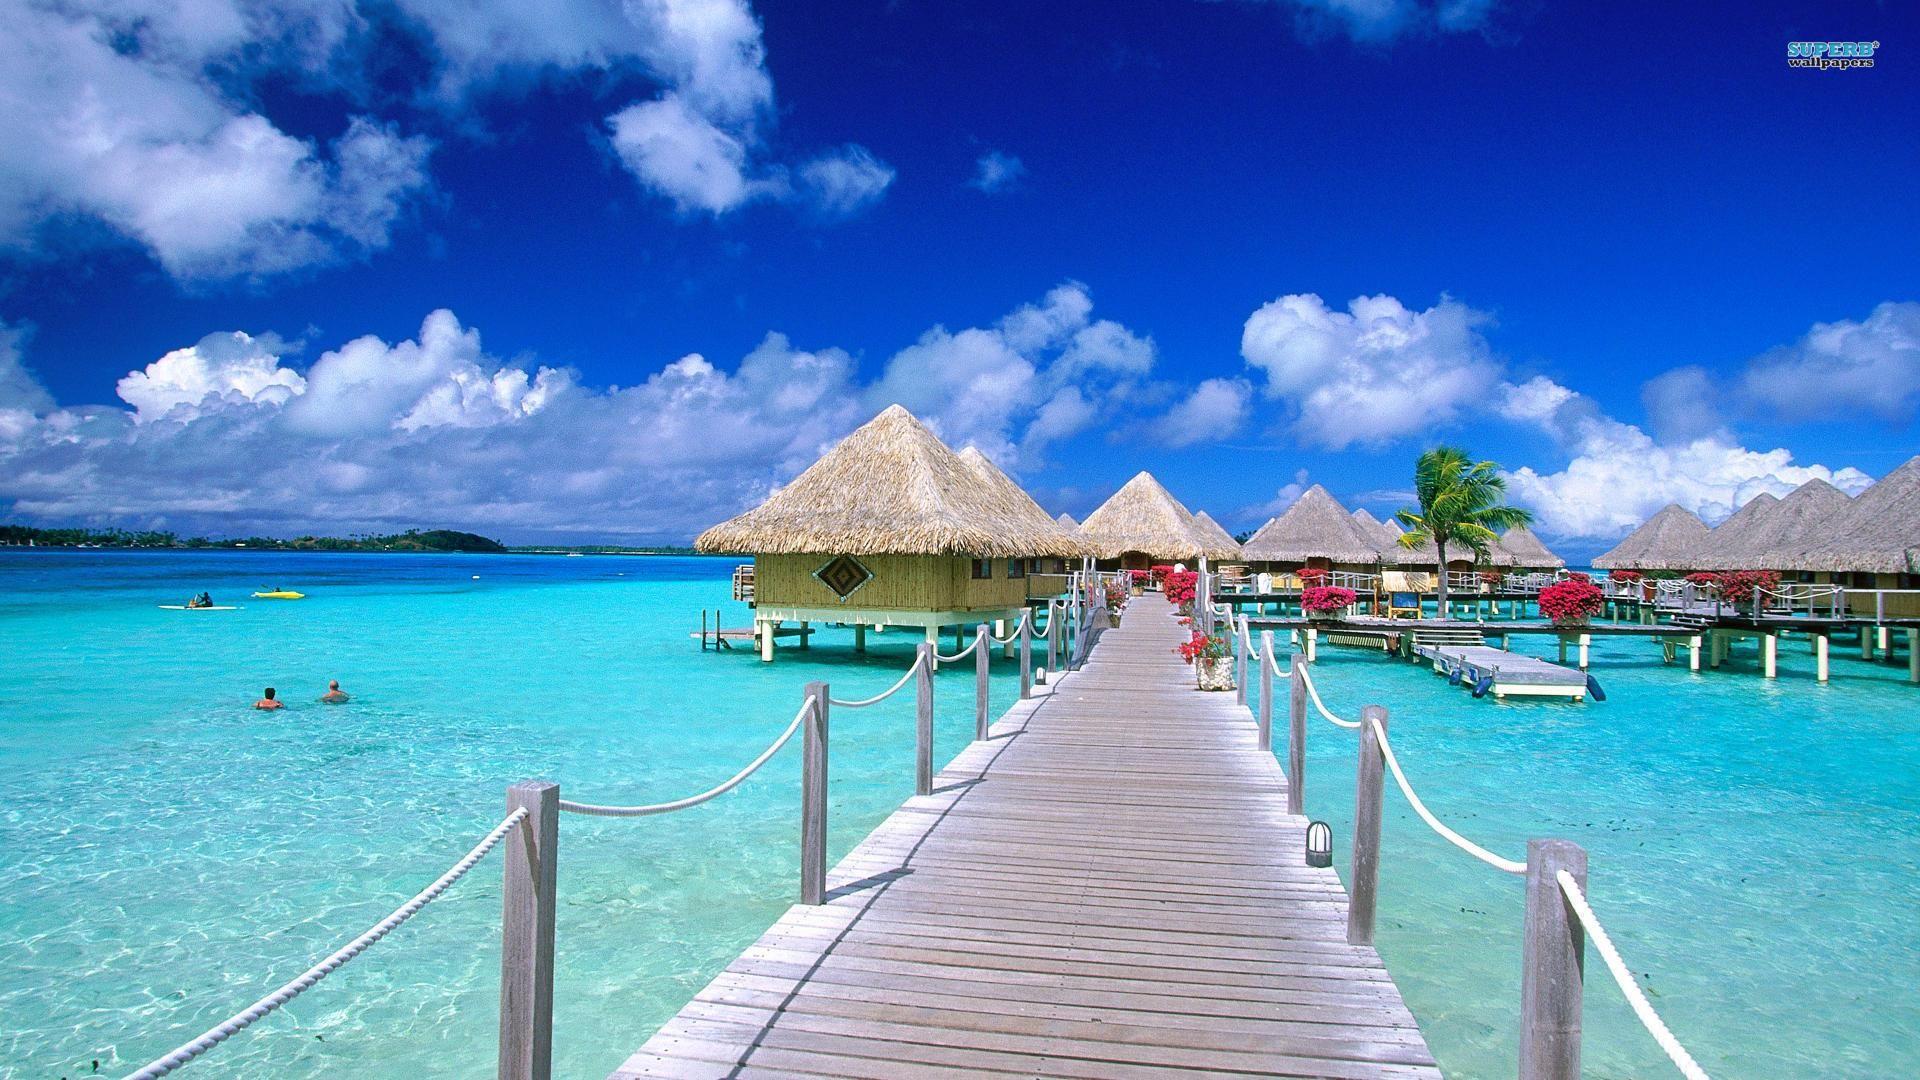 Bora Bora desktop wallpaper